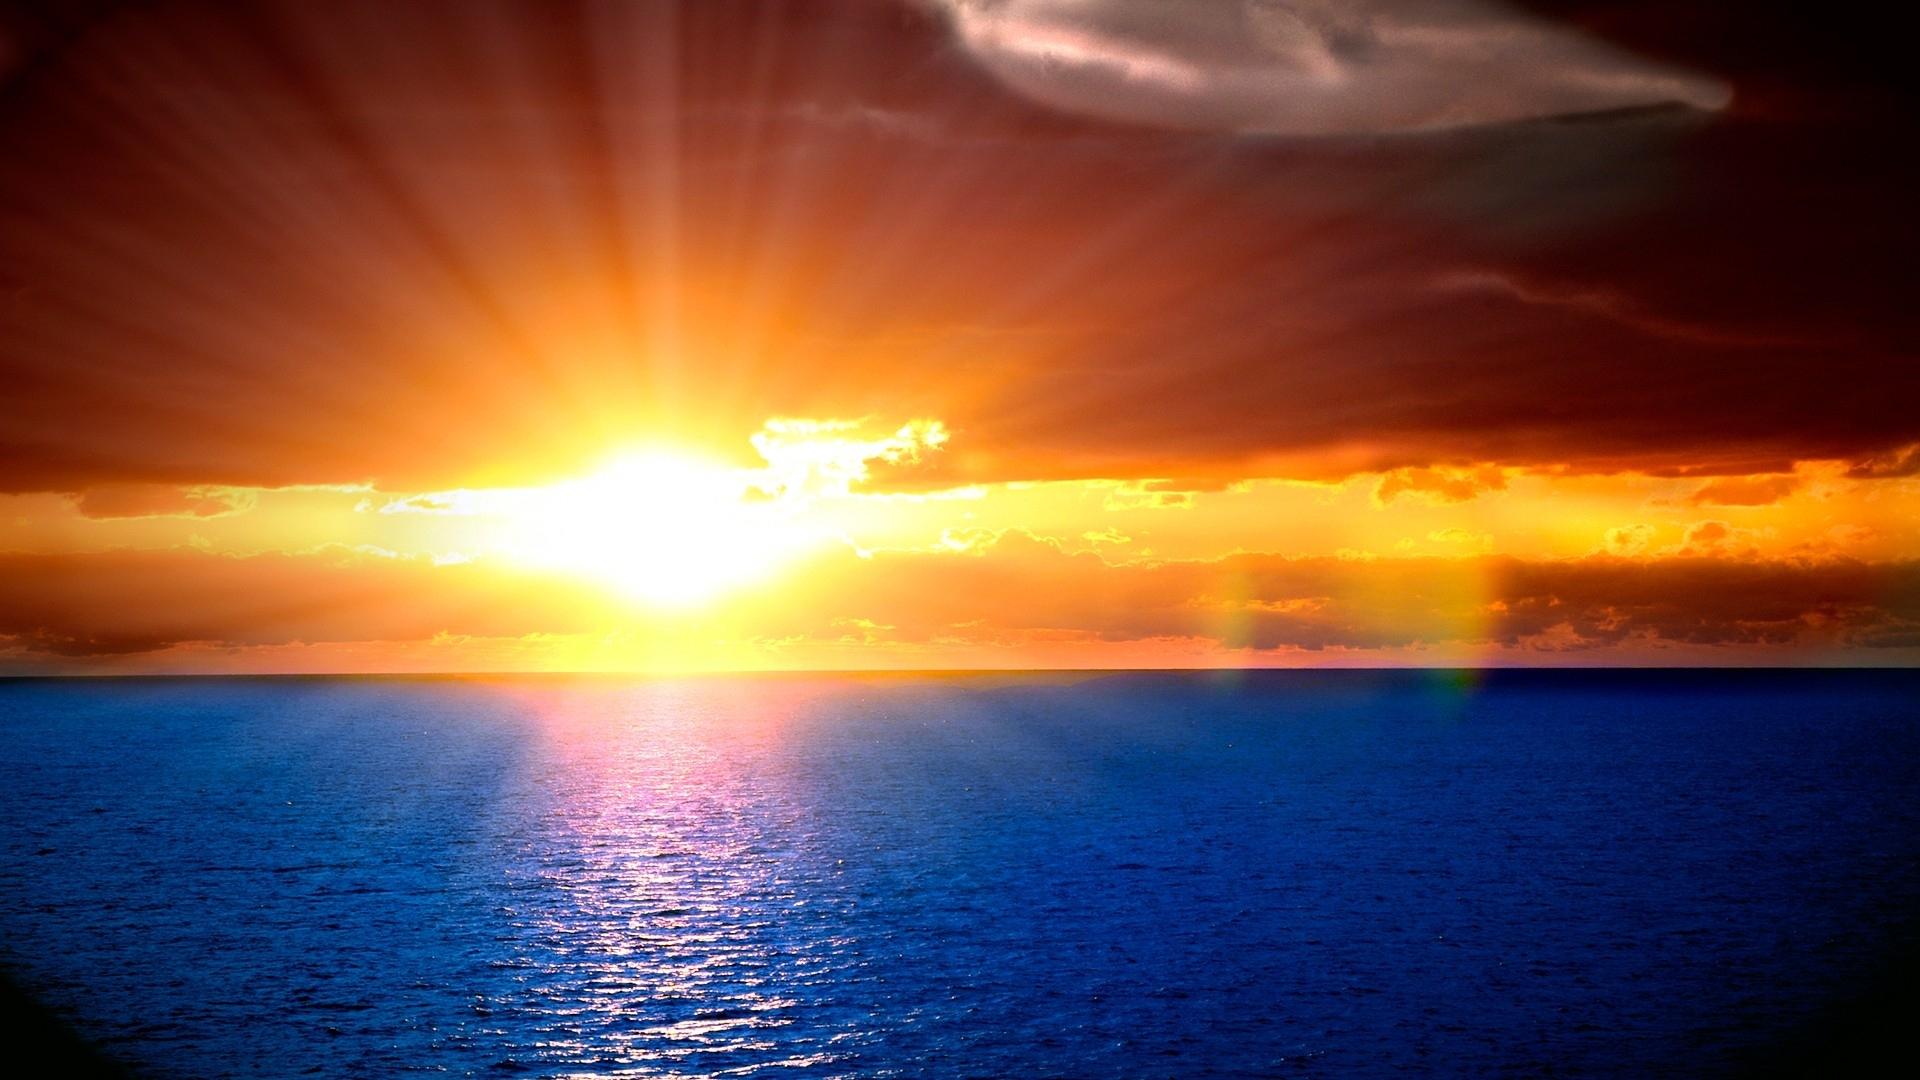 Ocean Sunset Wallpapers Hd